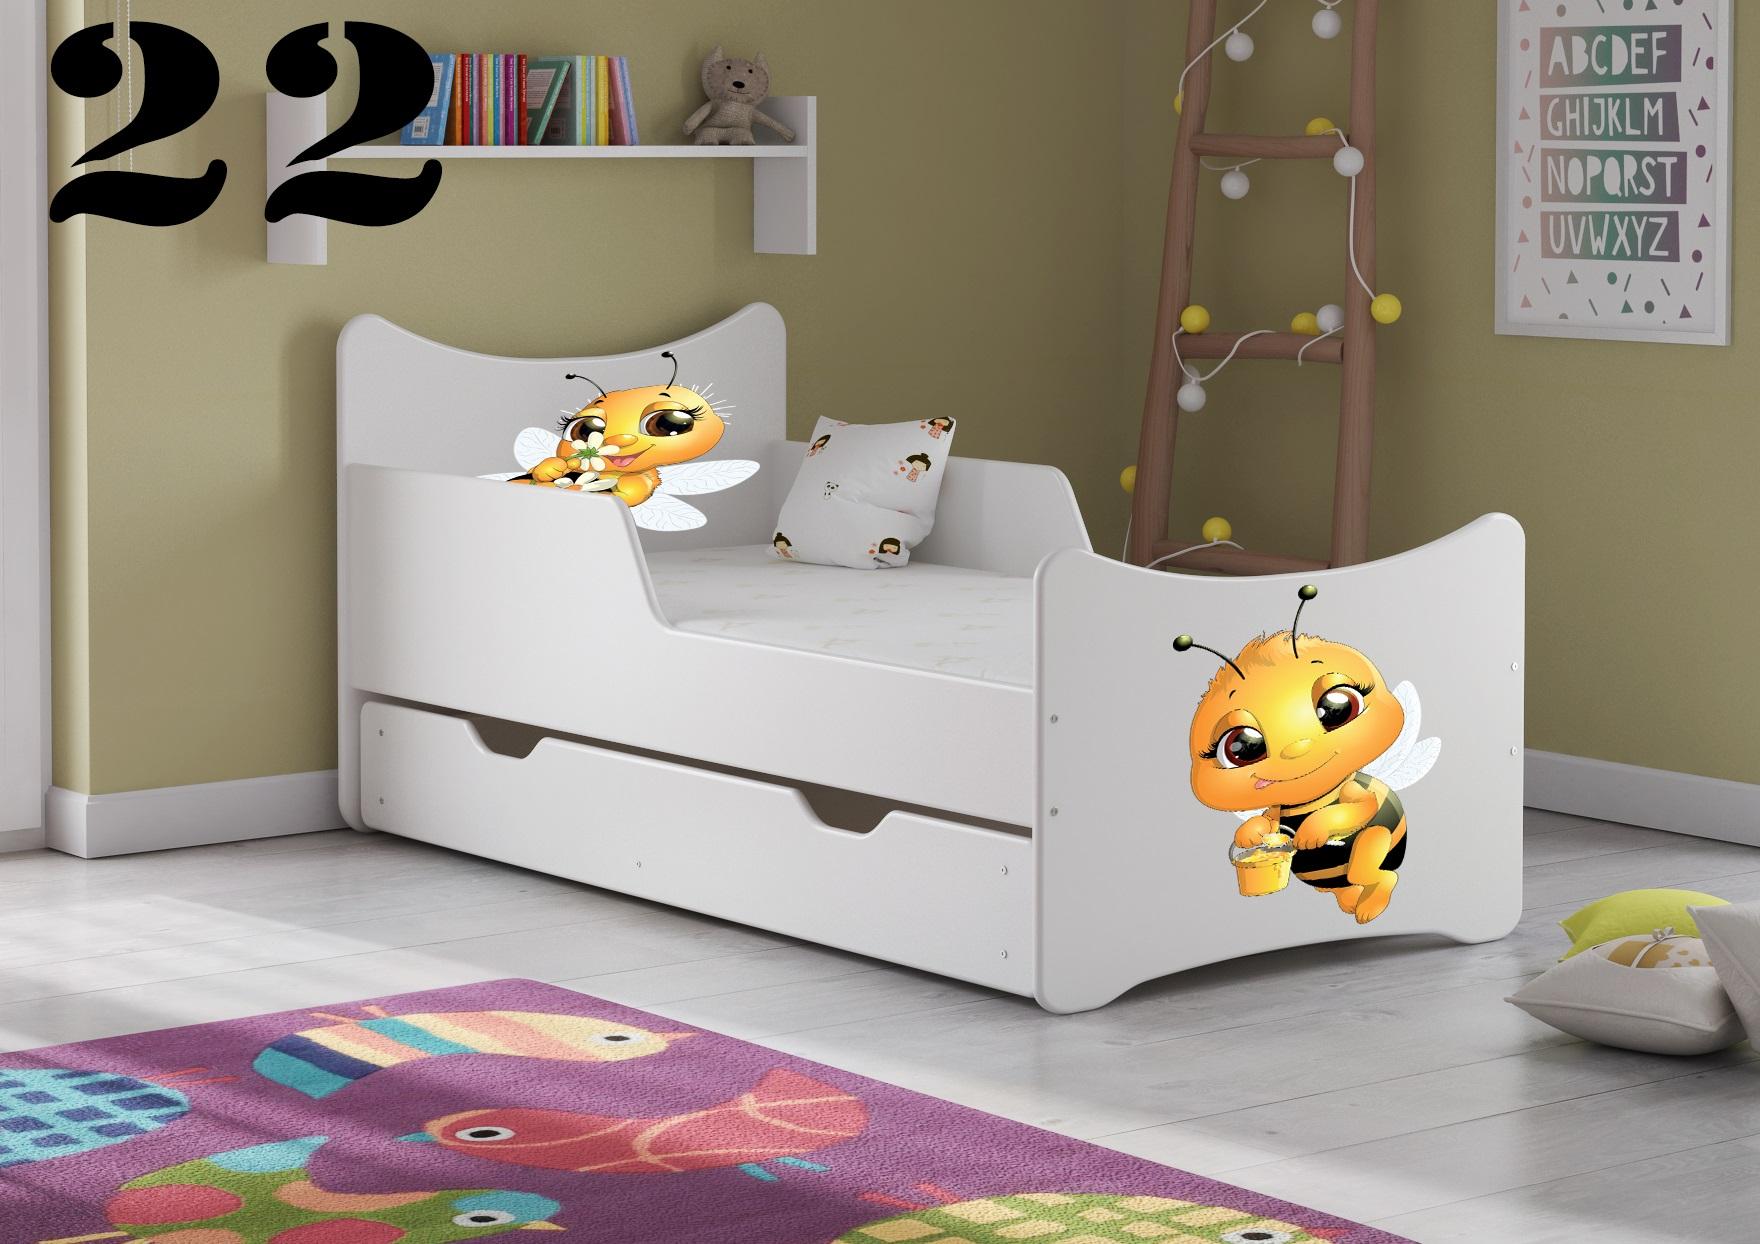 Detská posteľ SMB - zvieratá Prevedenie: Obrázok č.22